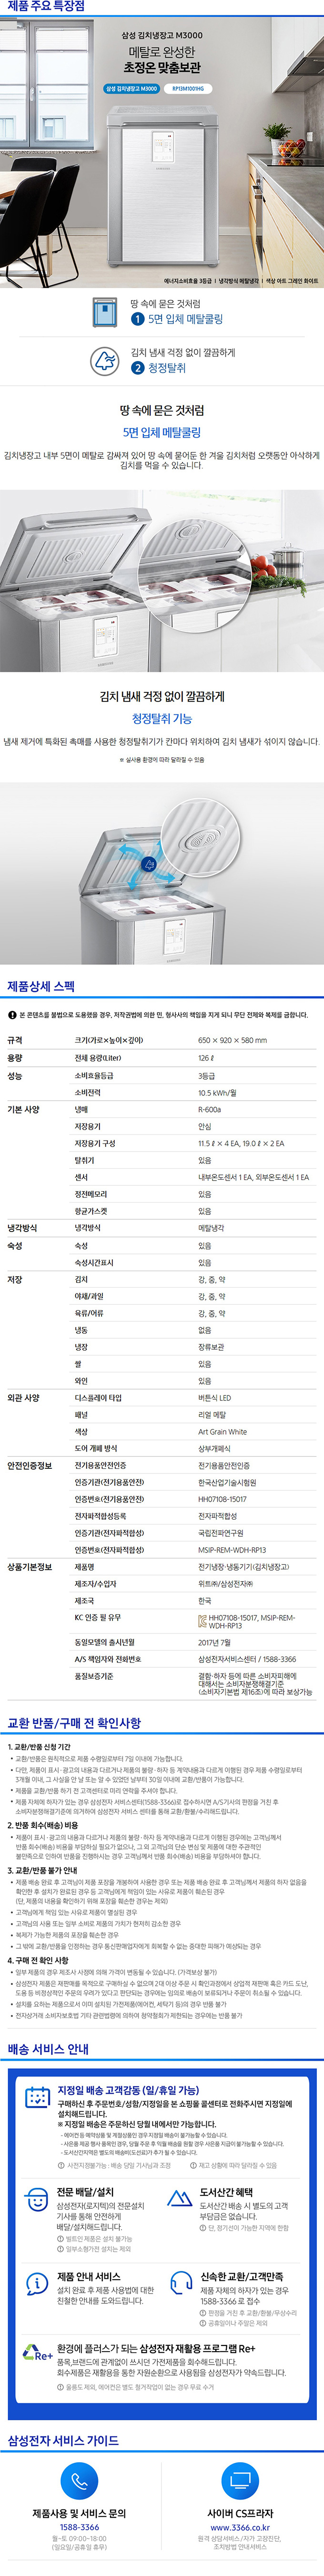 용산케이블 - 삼성 지펠아삭김치냉장고 (RP13M1001HE) 상세보기